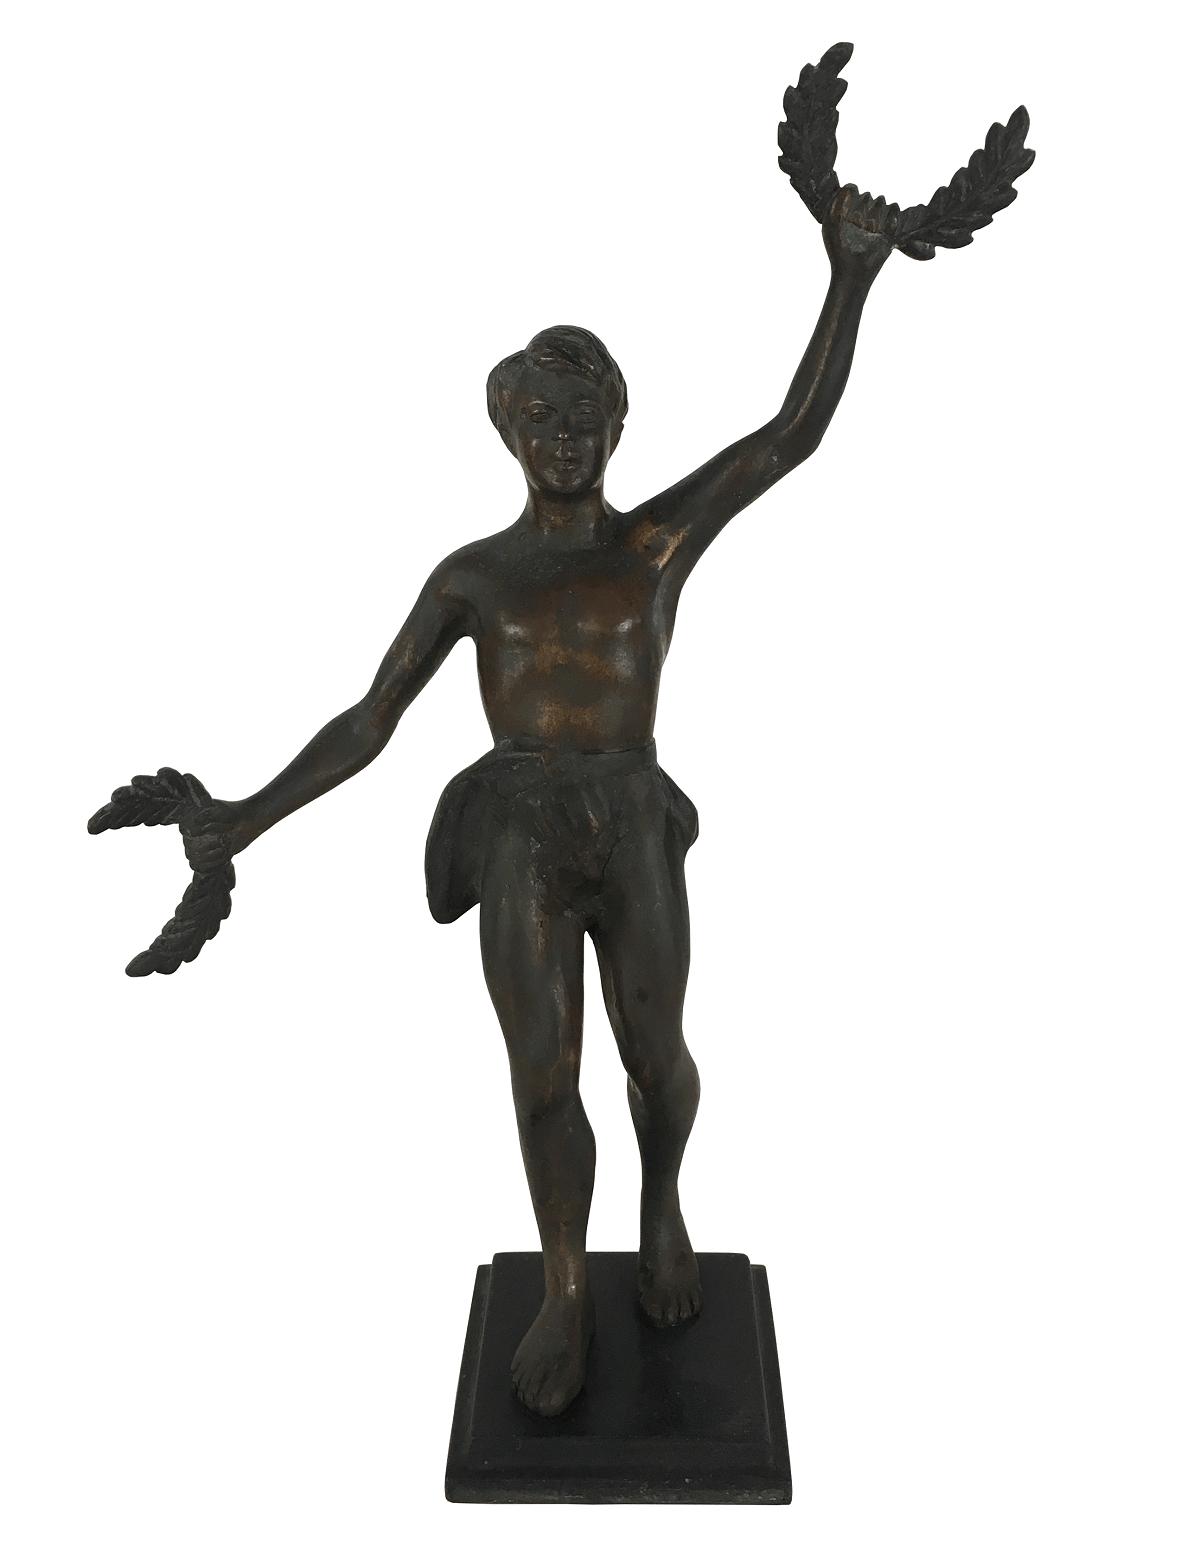 Antiga Escultura Bronze Guerreiro Mitologia Segurando Coroa De Louros